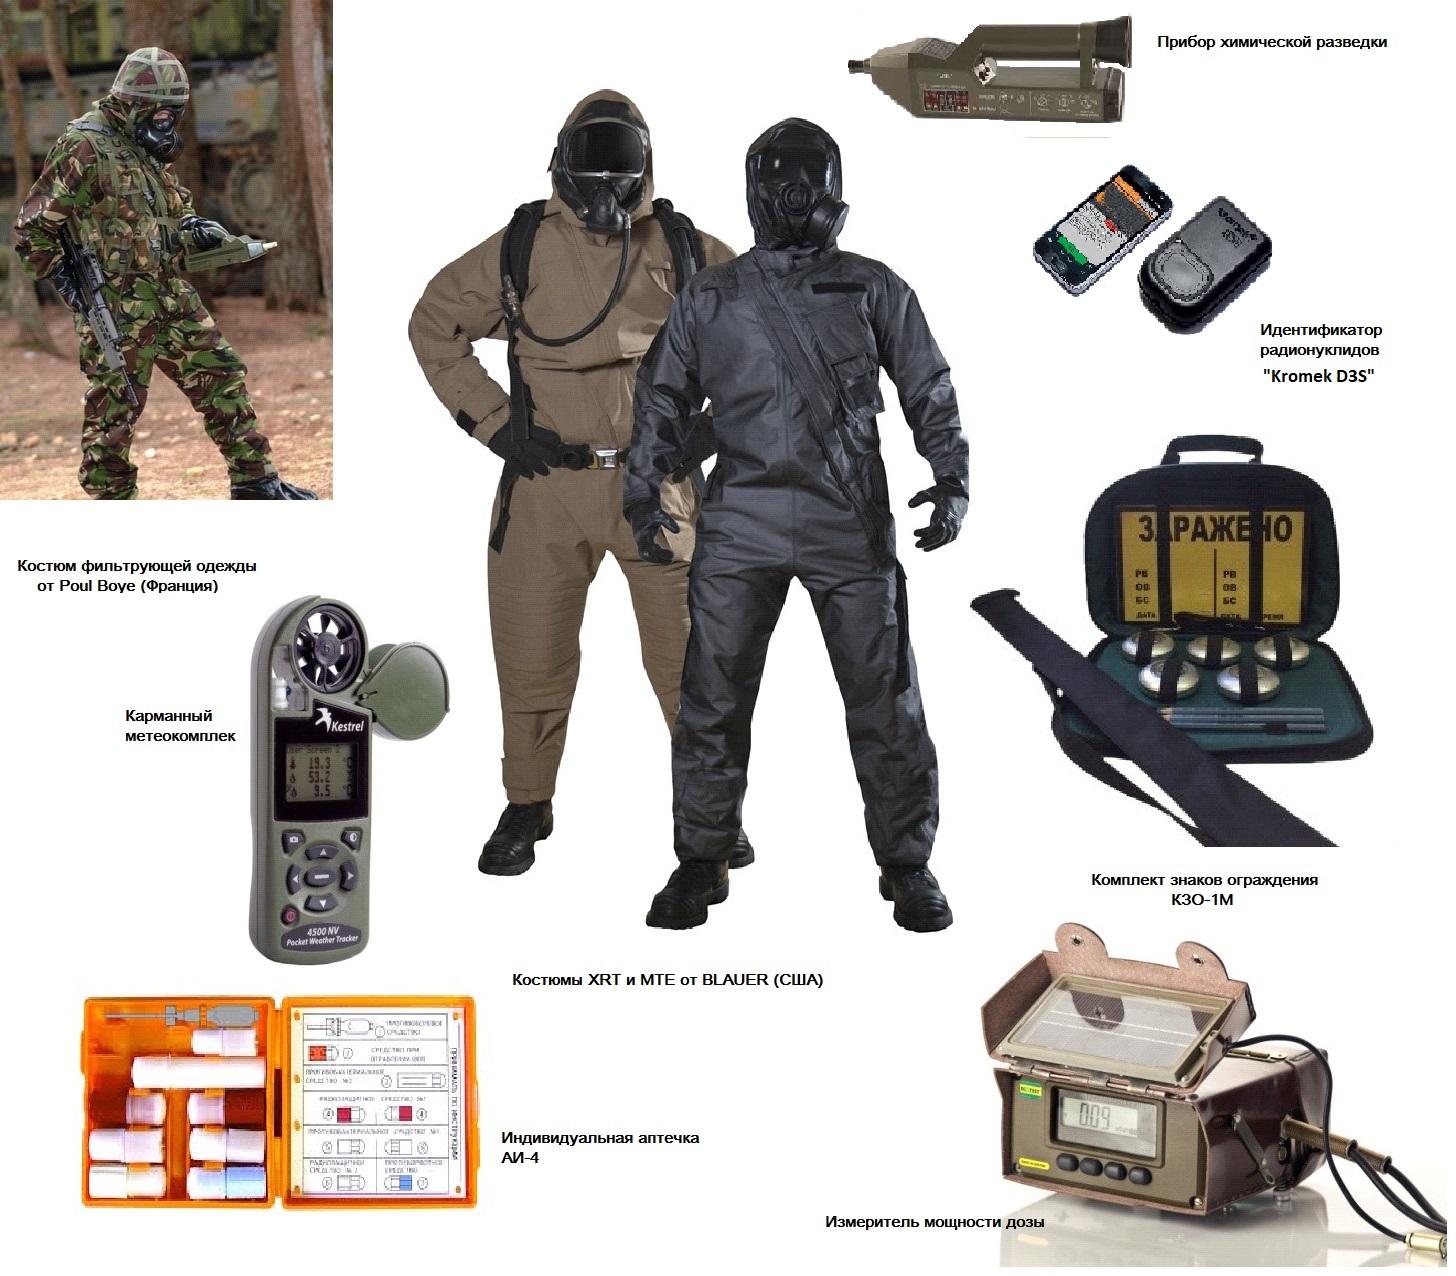 Средства радиационной, химической и биологической защиты, разведки, контроля и специальной обработки